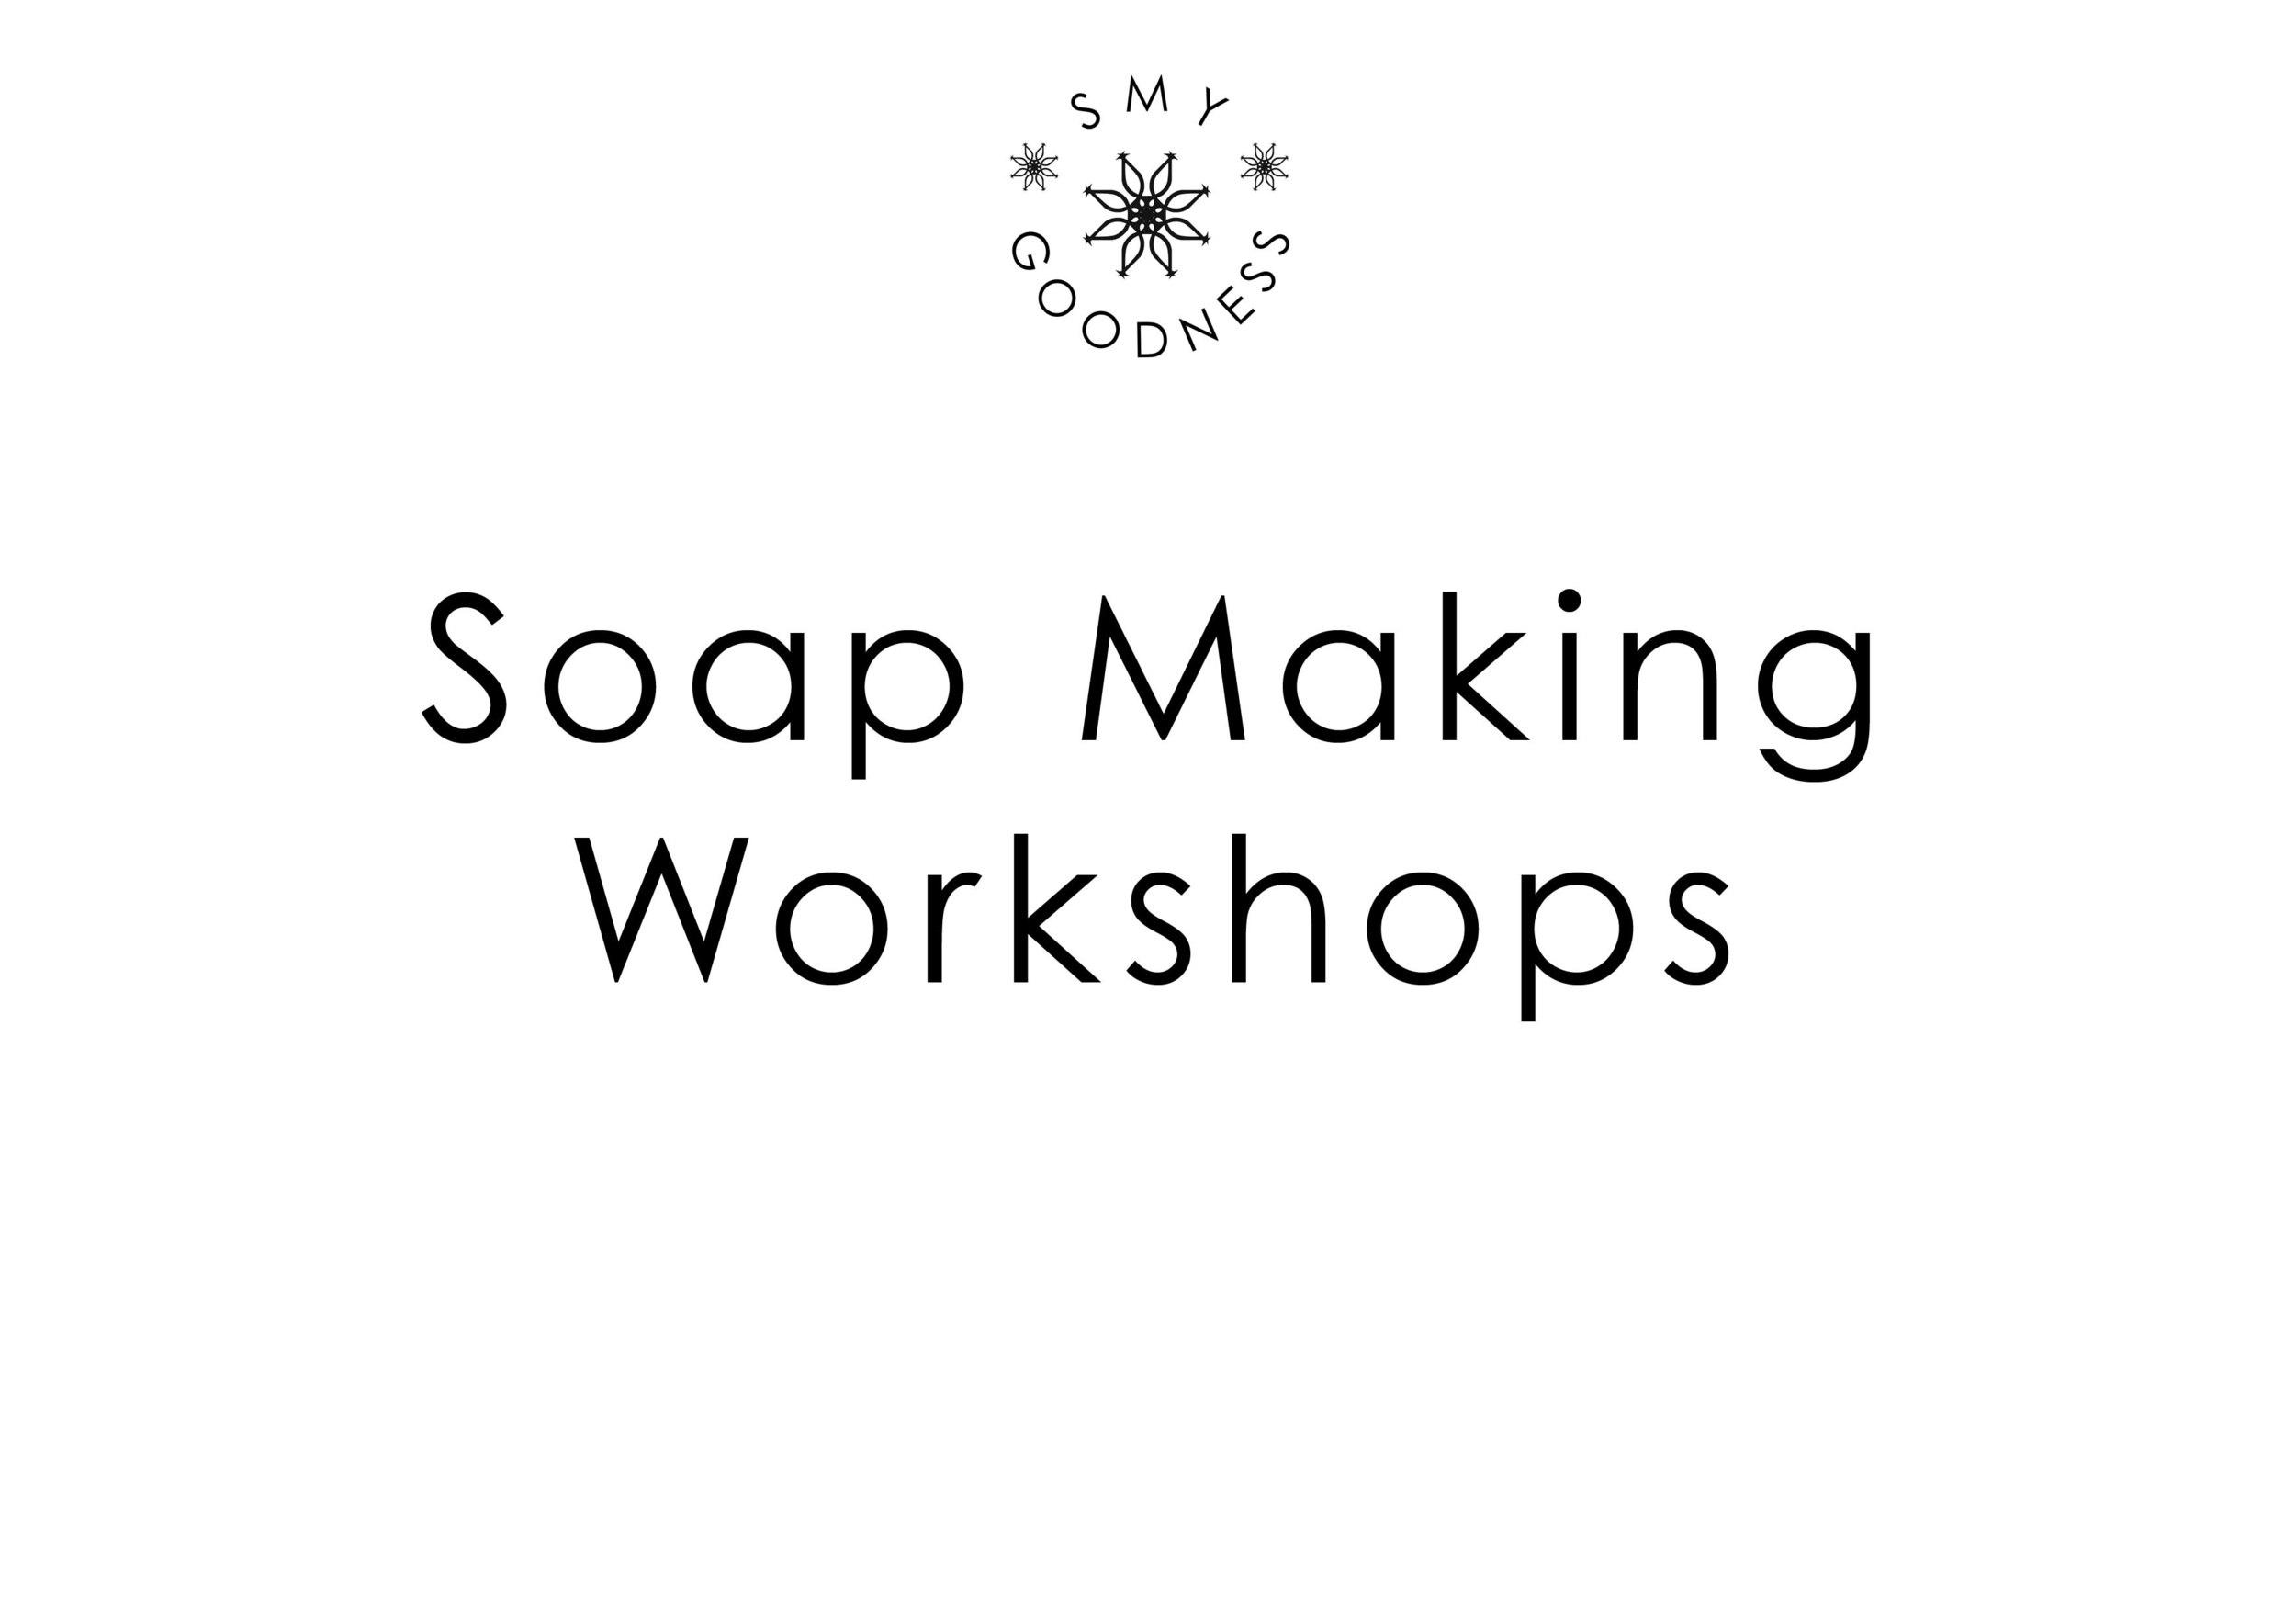 Soap Making Workshops